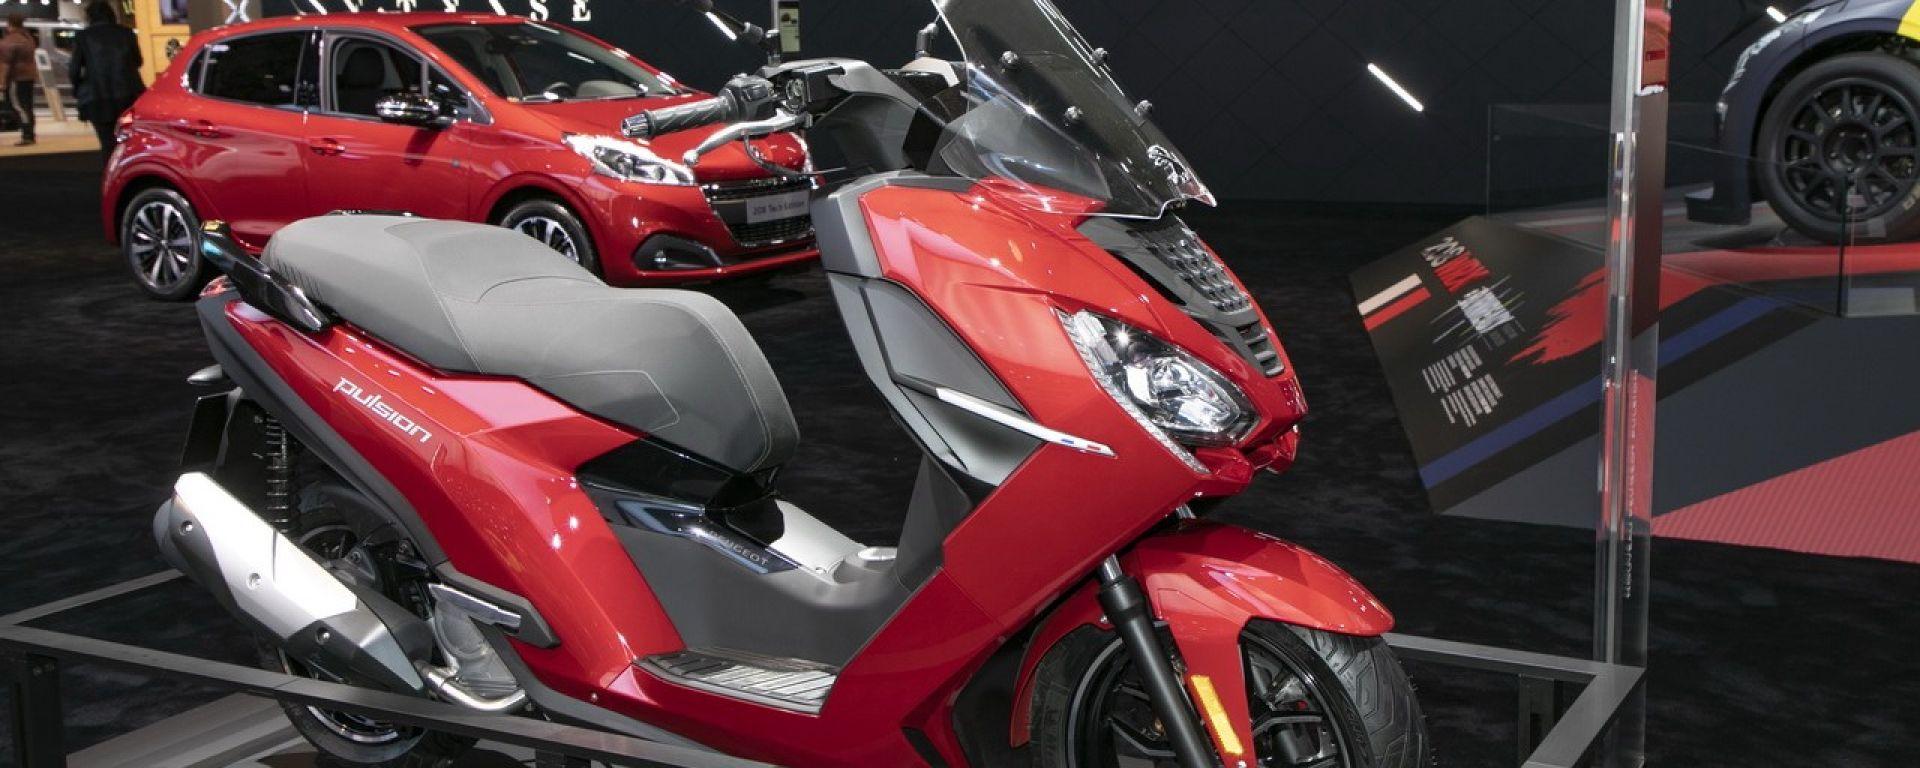 Peugeot: in futuro Pulsion 125 ma anche moto ed elettrico